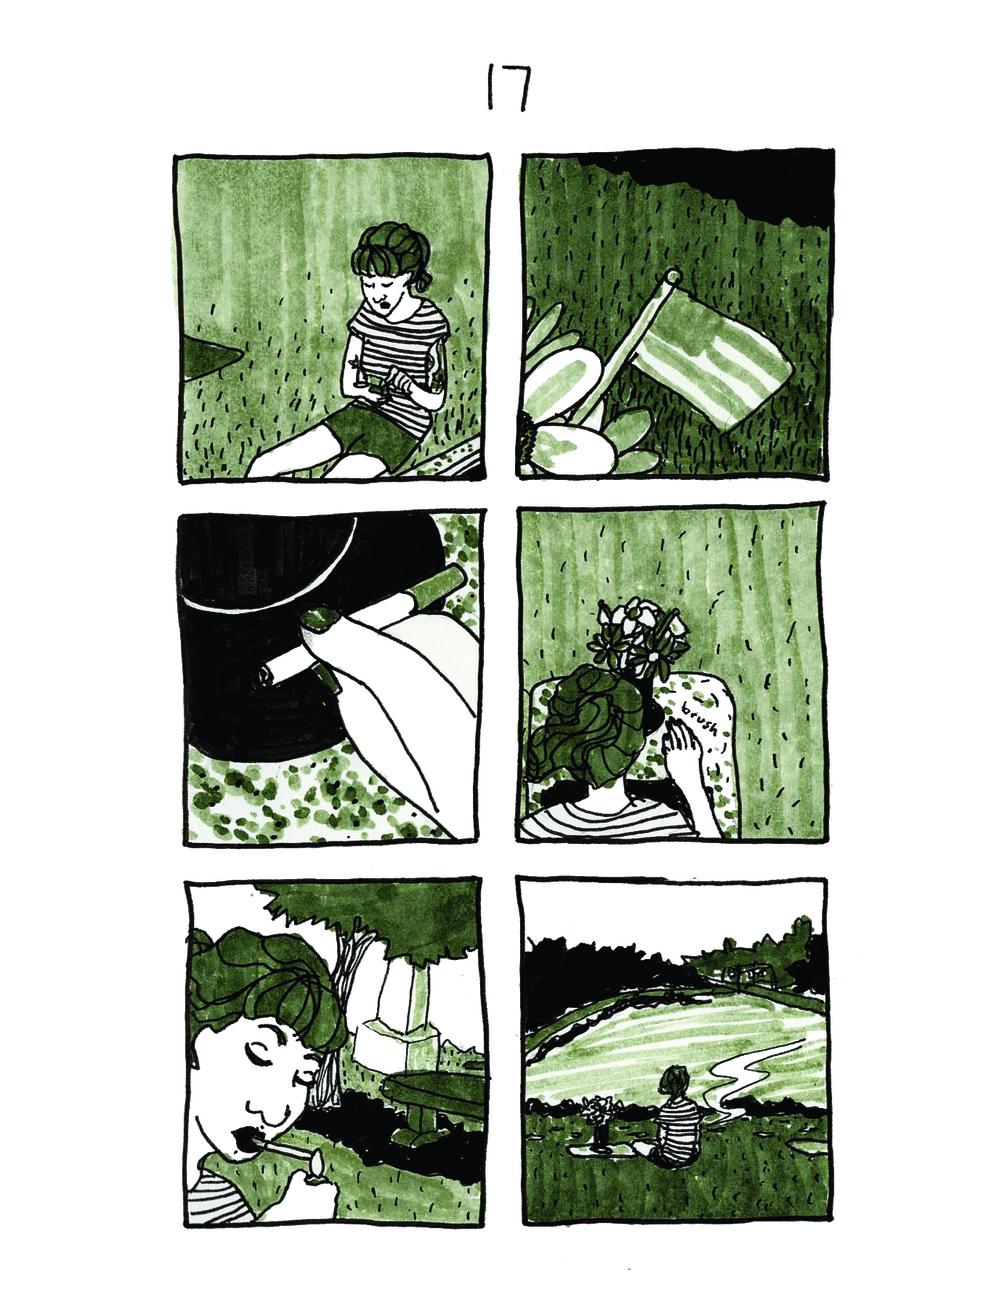 17-pg1.jpg